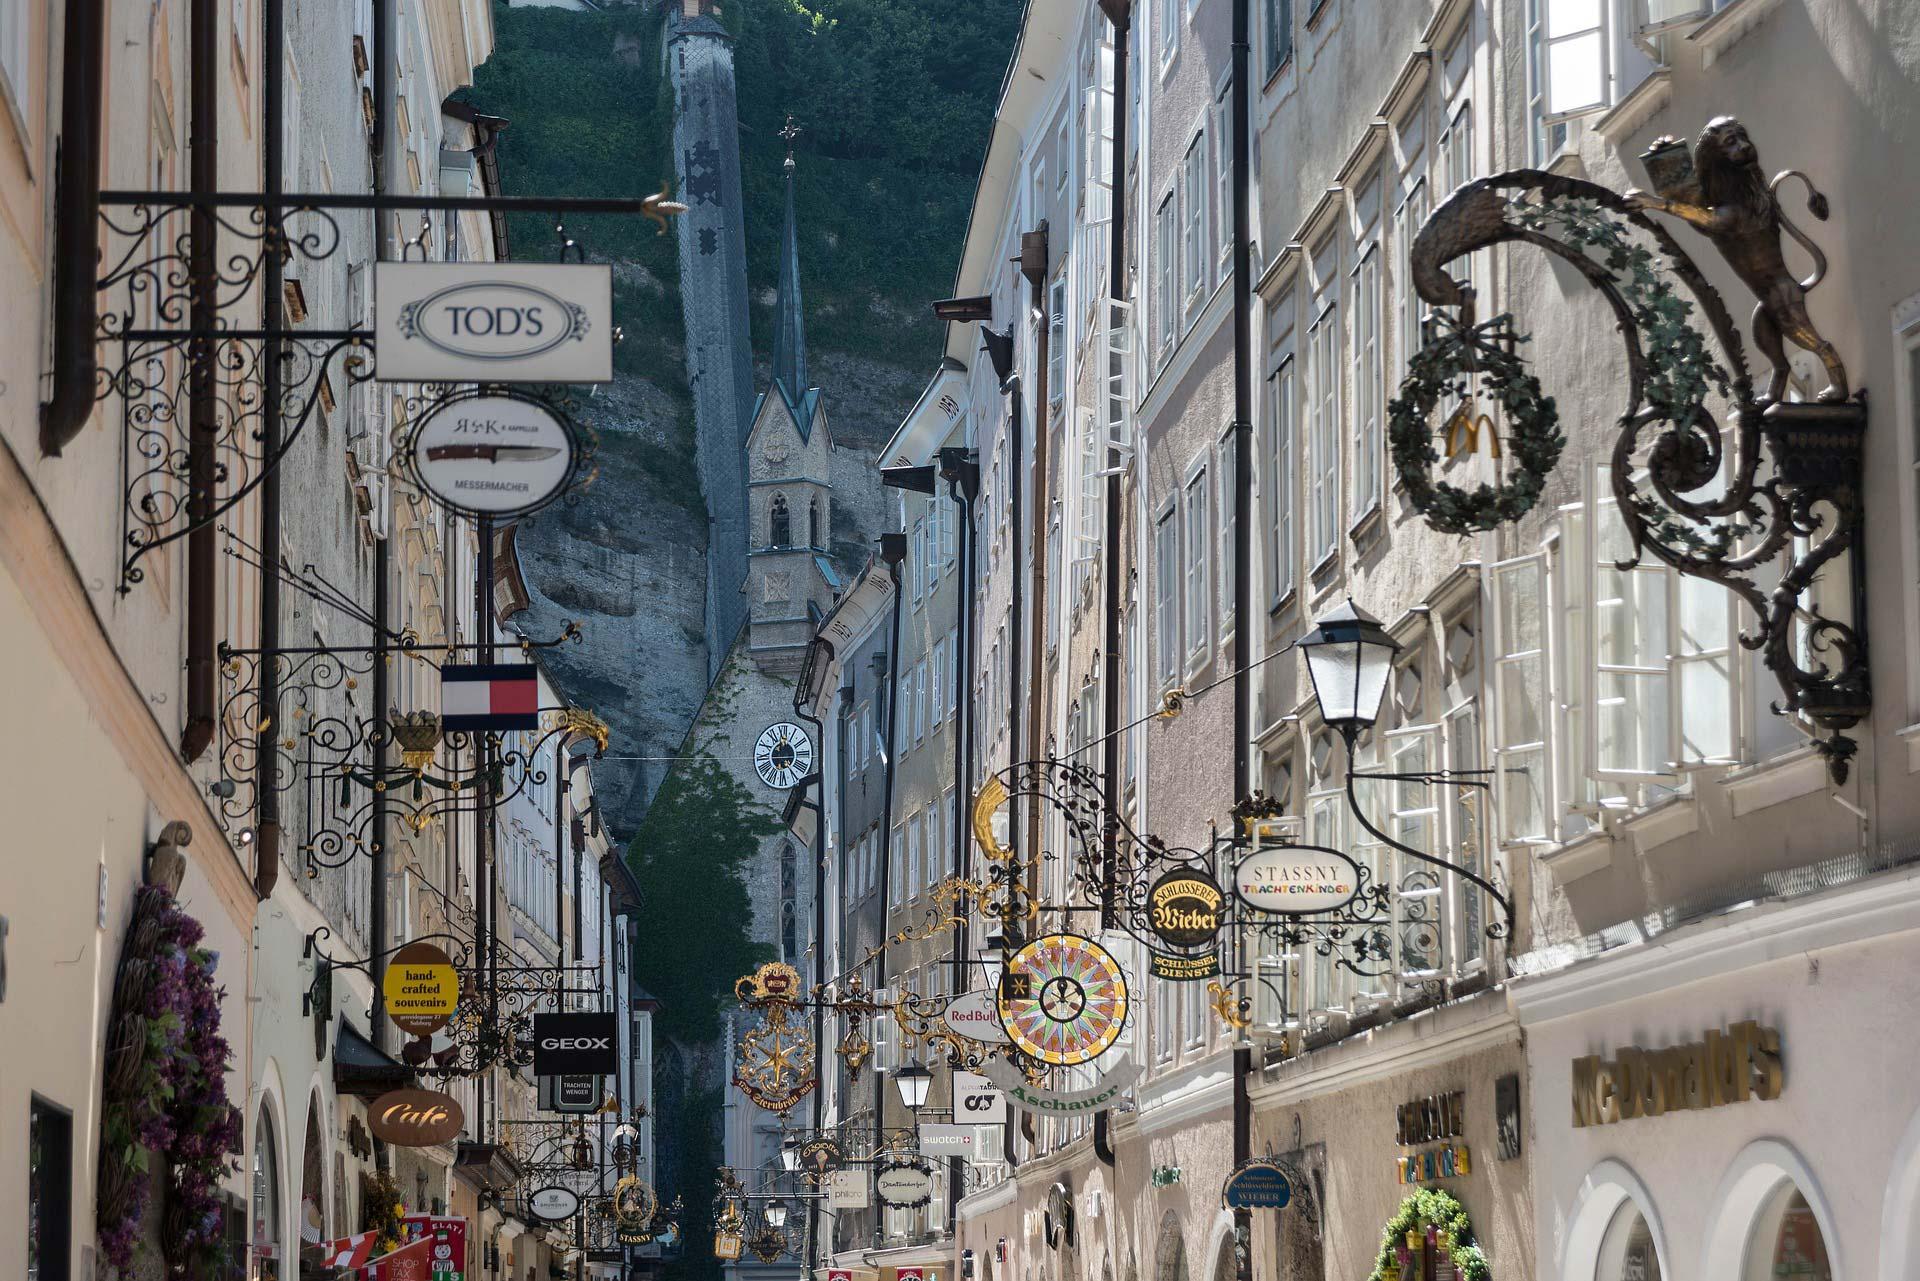 In Salzburgs Getreidegasse reihen sich Restaurants, Bars und Shops aneinander.